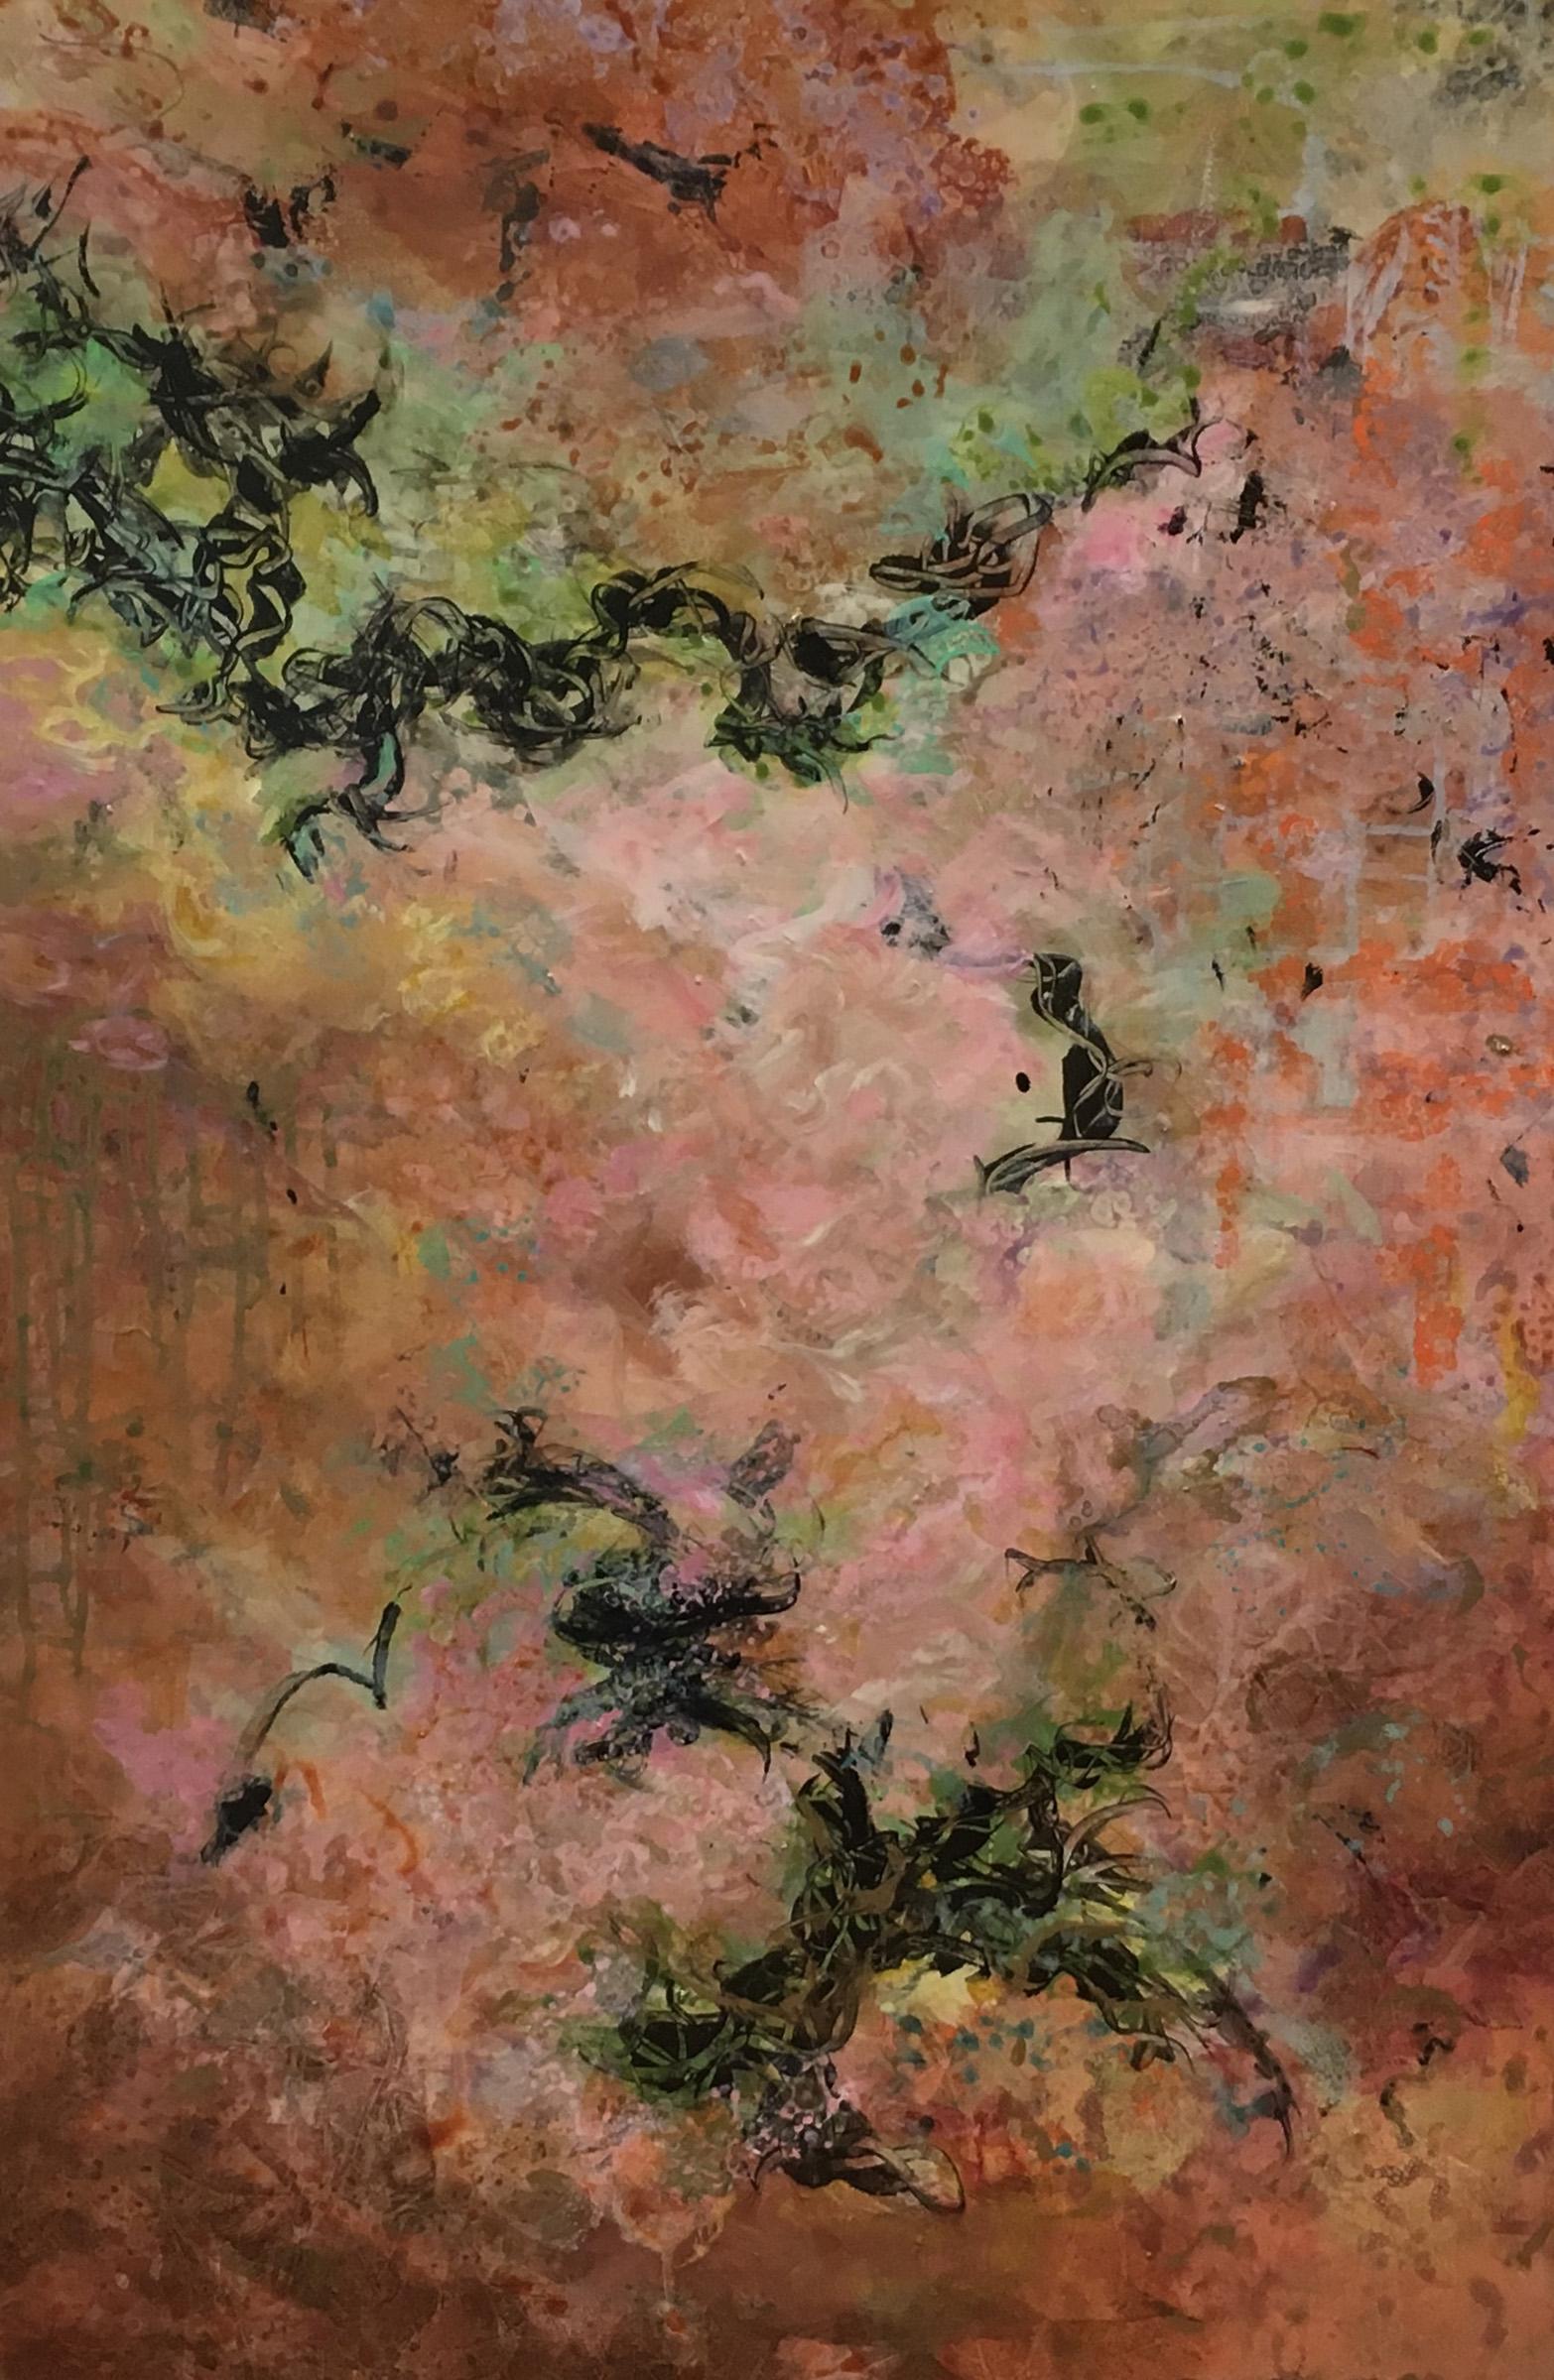 - Coral Awakening (36x24) $2900